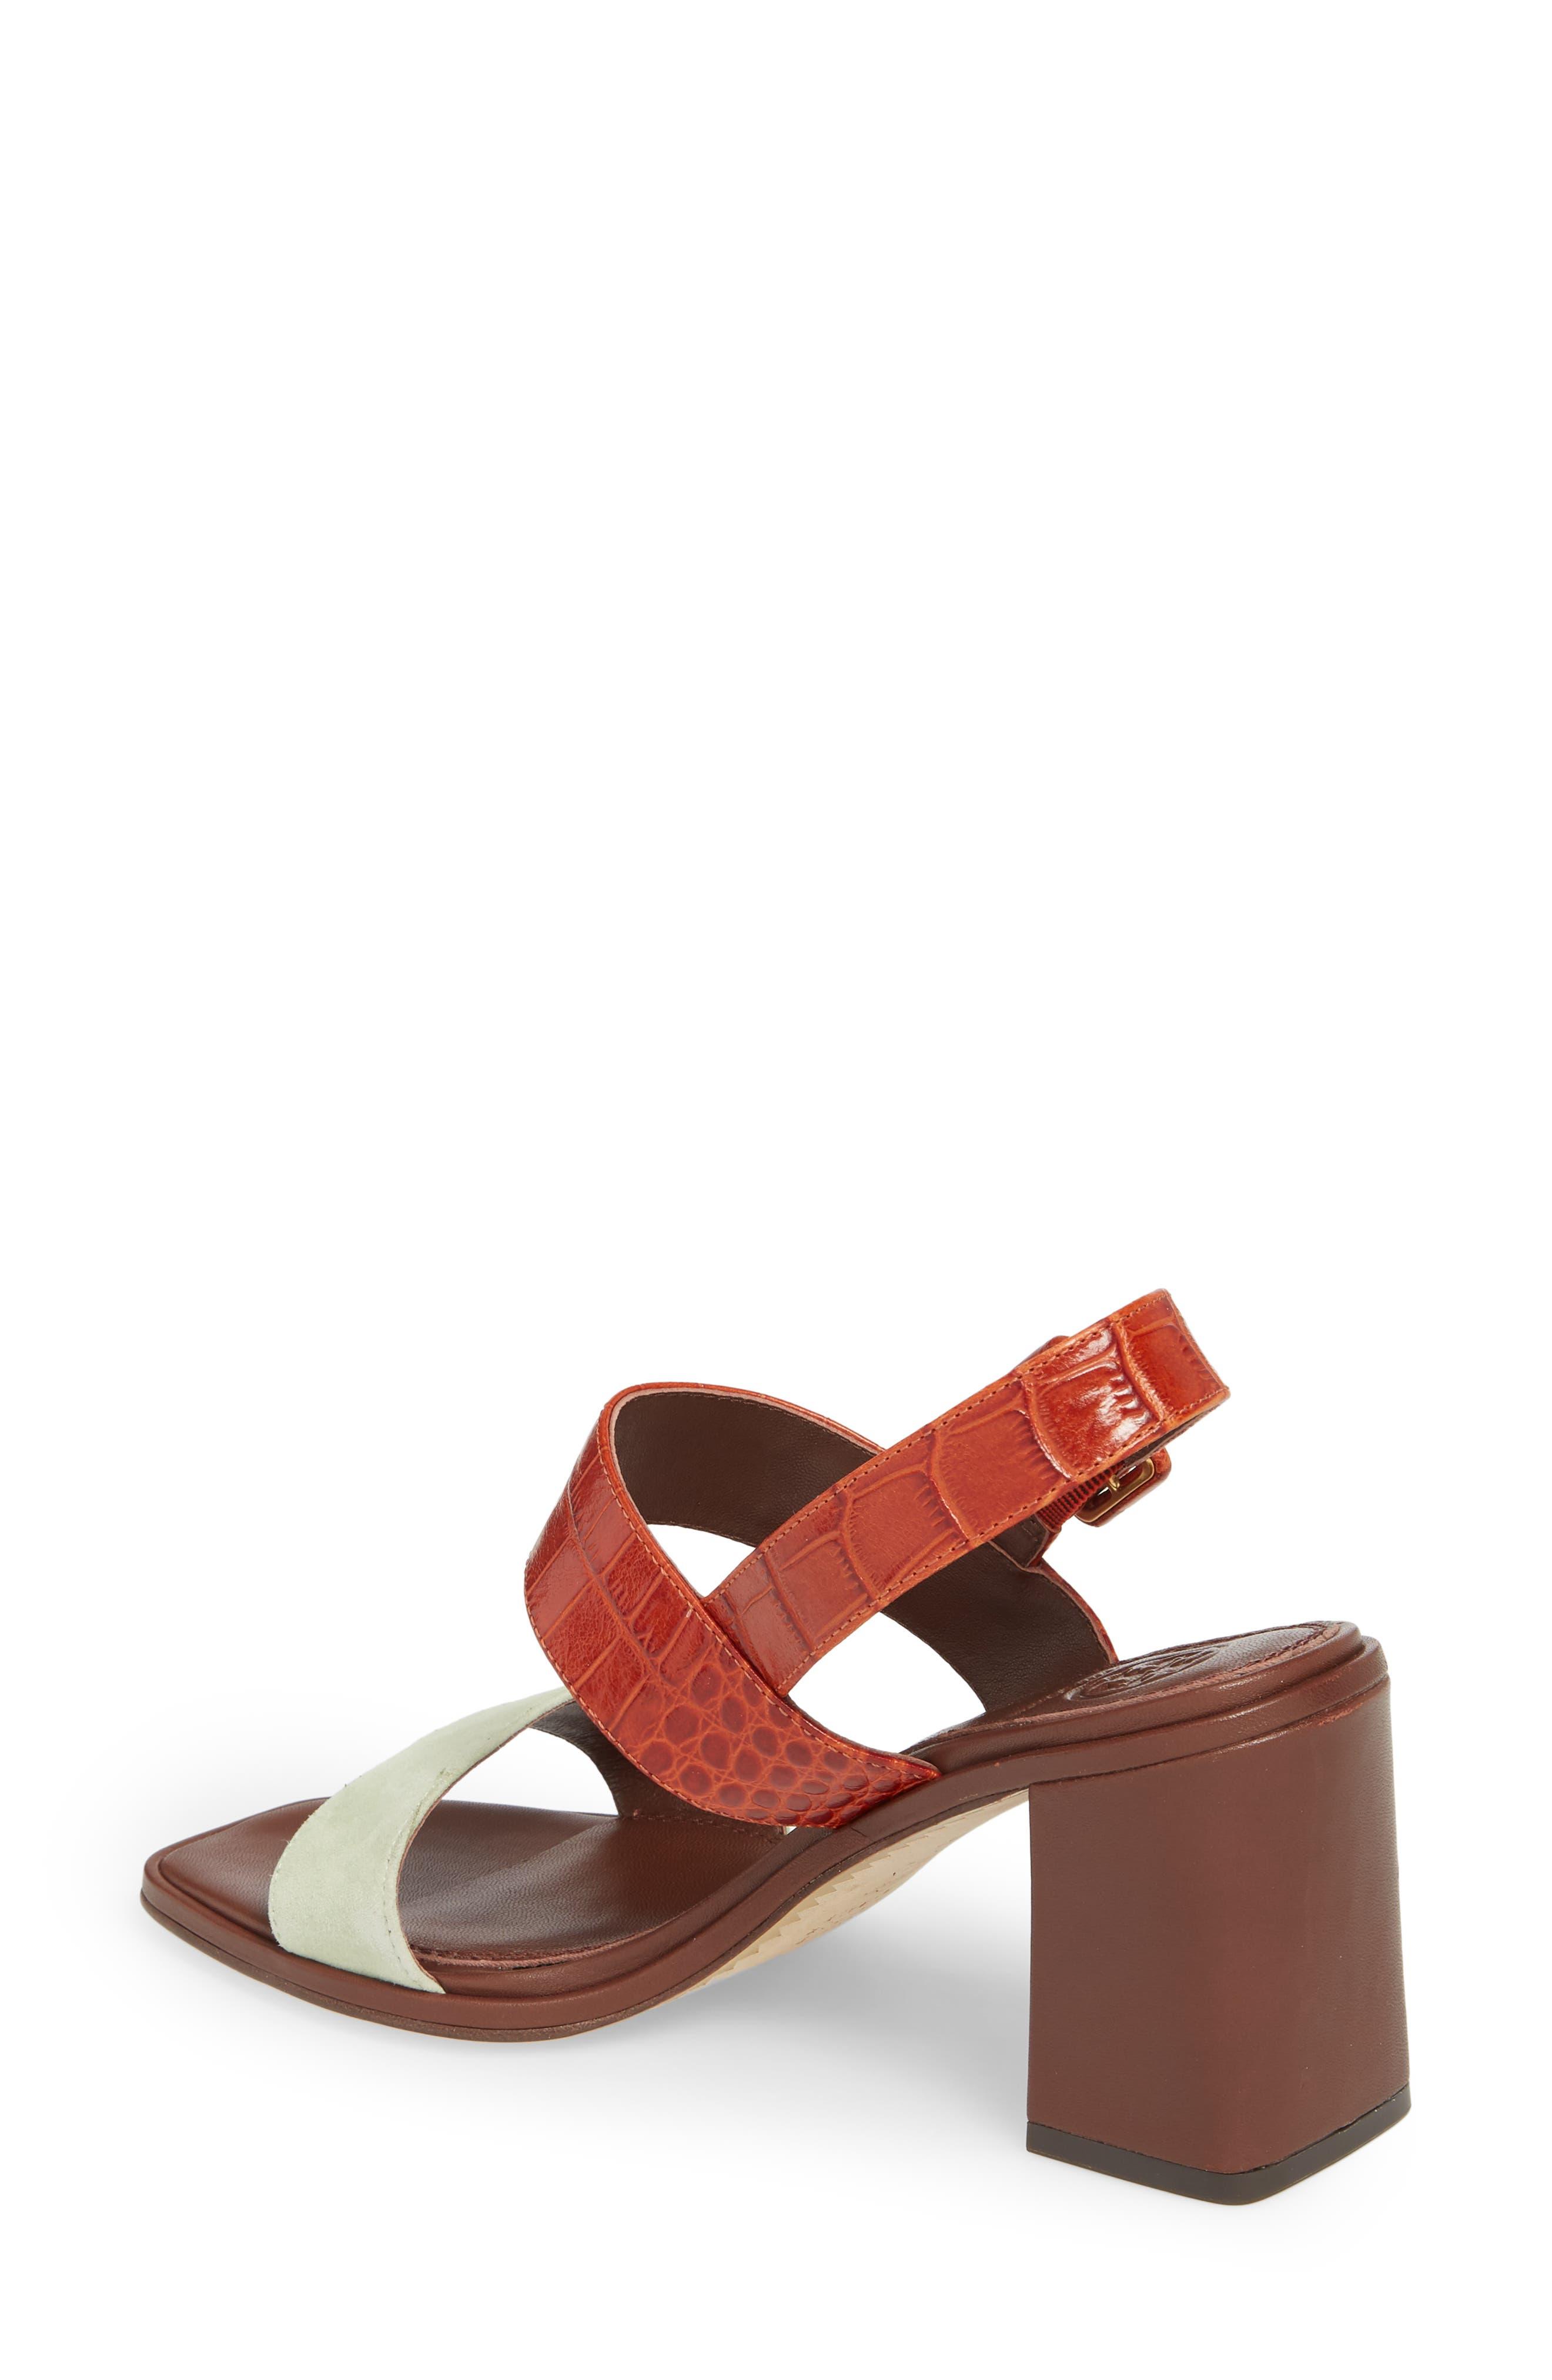 Delaney Double Strap Sandal,                             Alternate thumbnail 12, color,